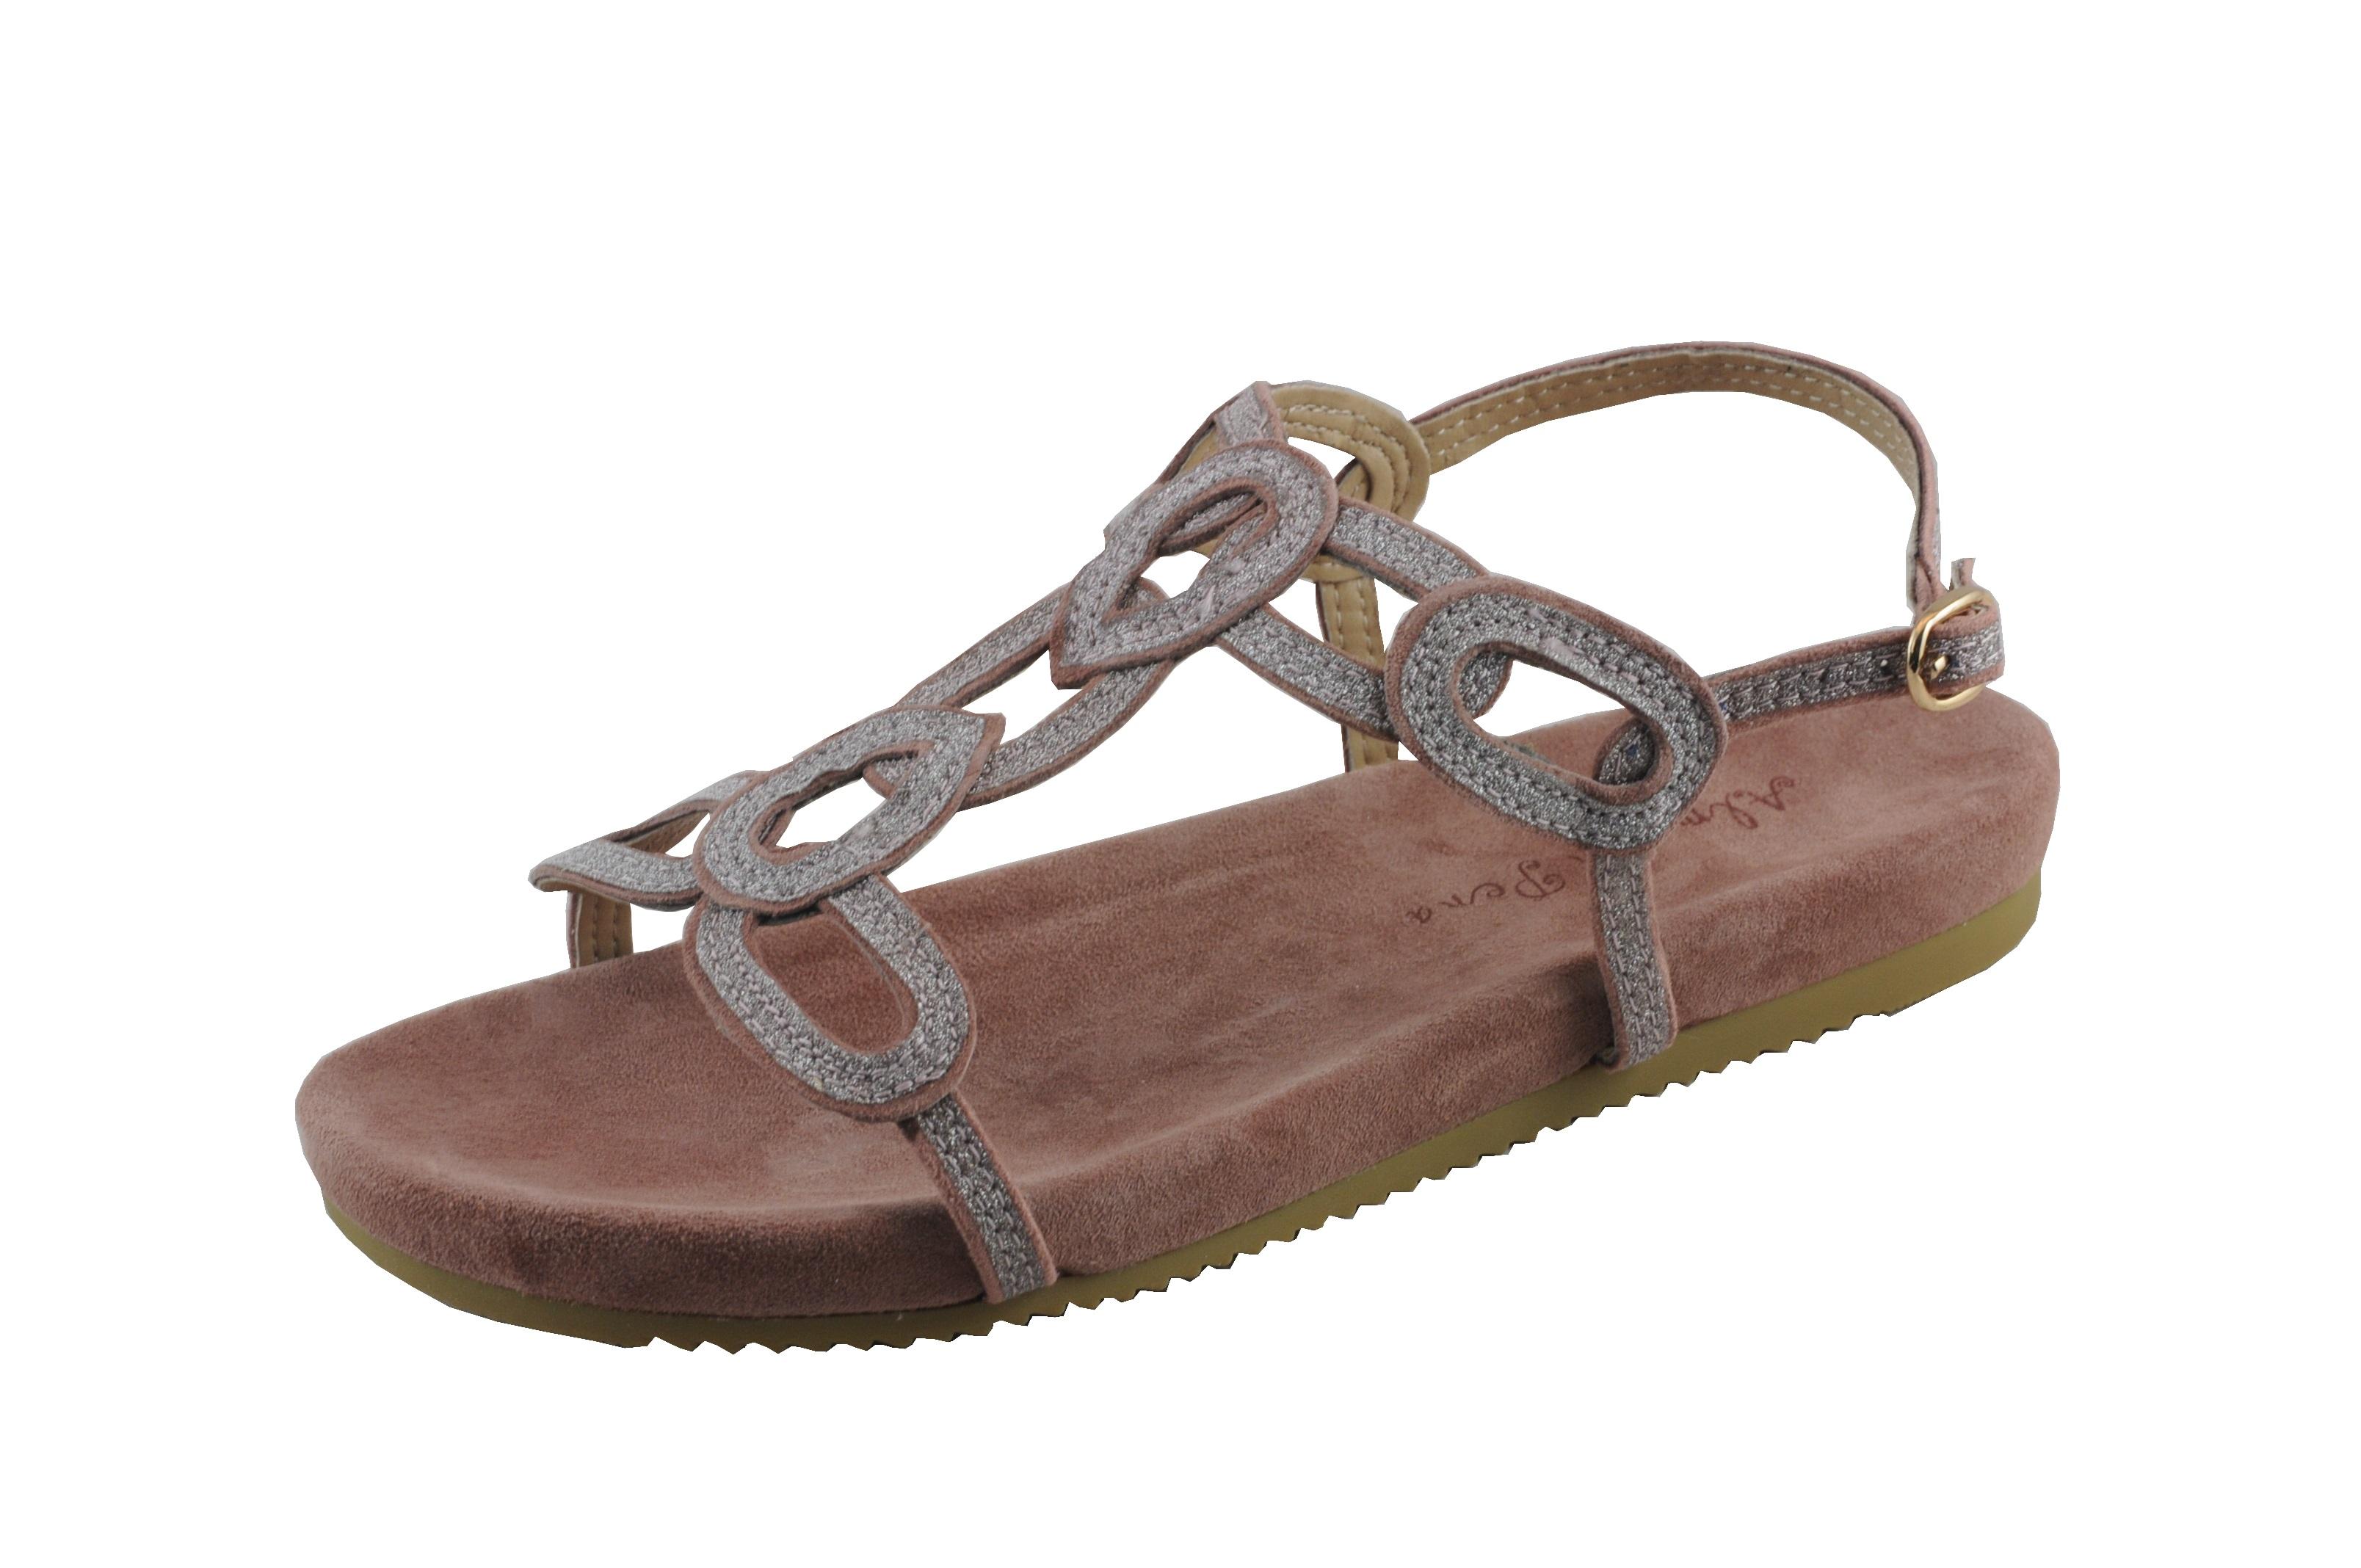 Sandale : Damen Schuhe versandkostenfrei bestellen